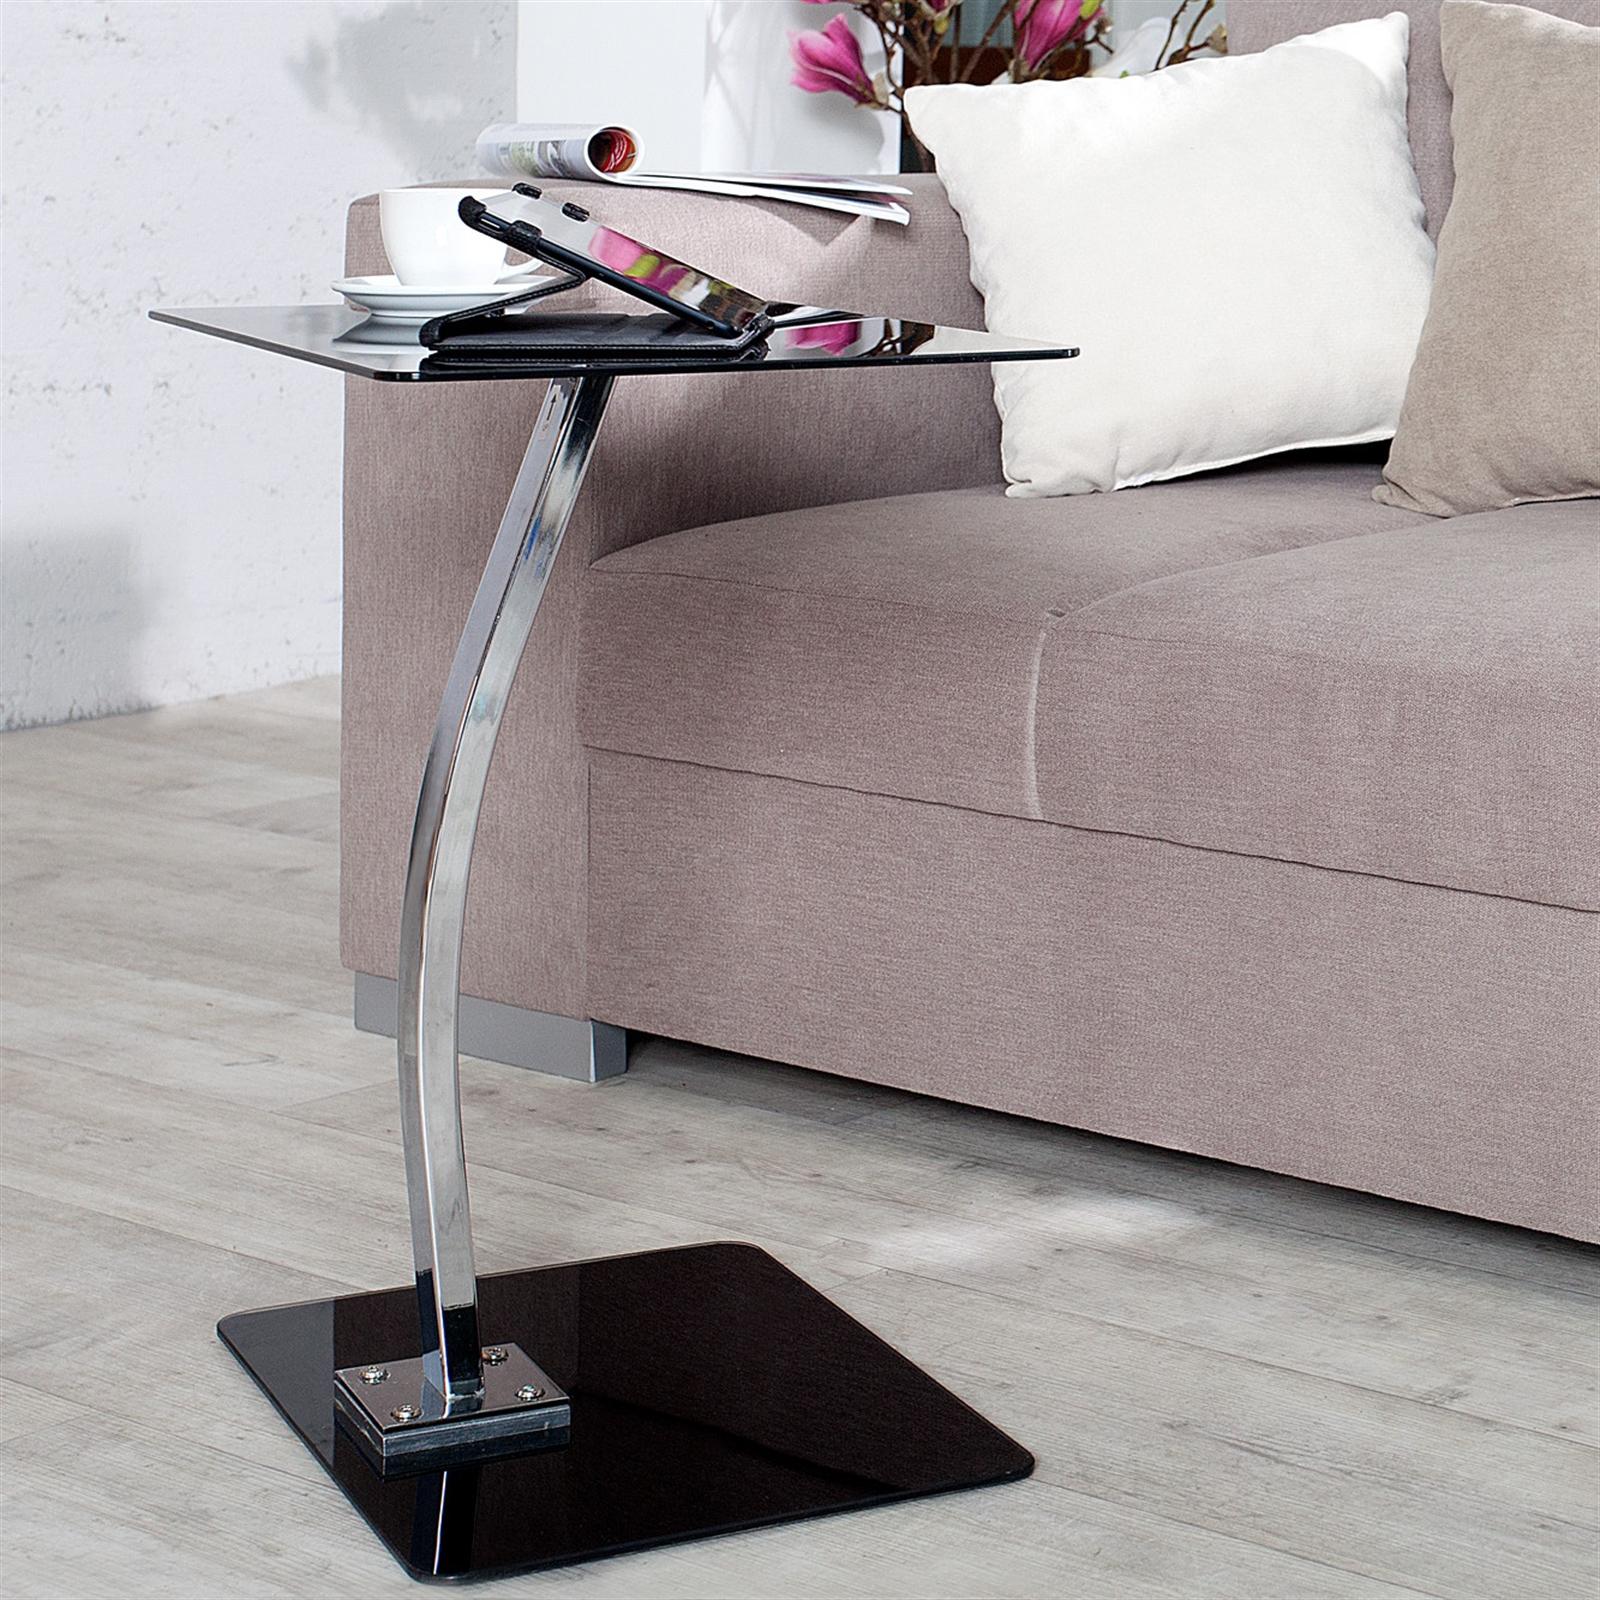 beistelltisch james schwarz glas 58 cm laptop tablett tisch ebay. Black Bedroom Furniture Sets. Home Design Ideas